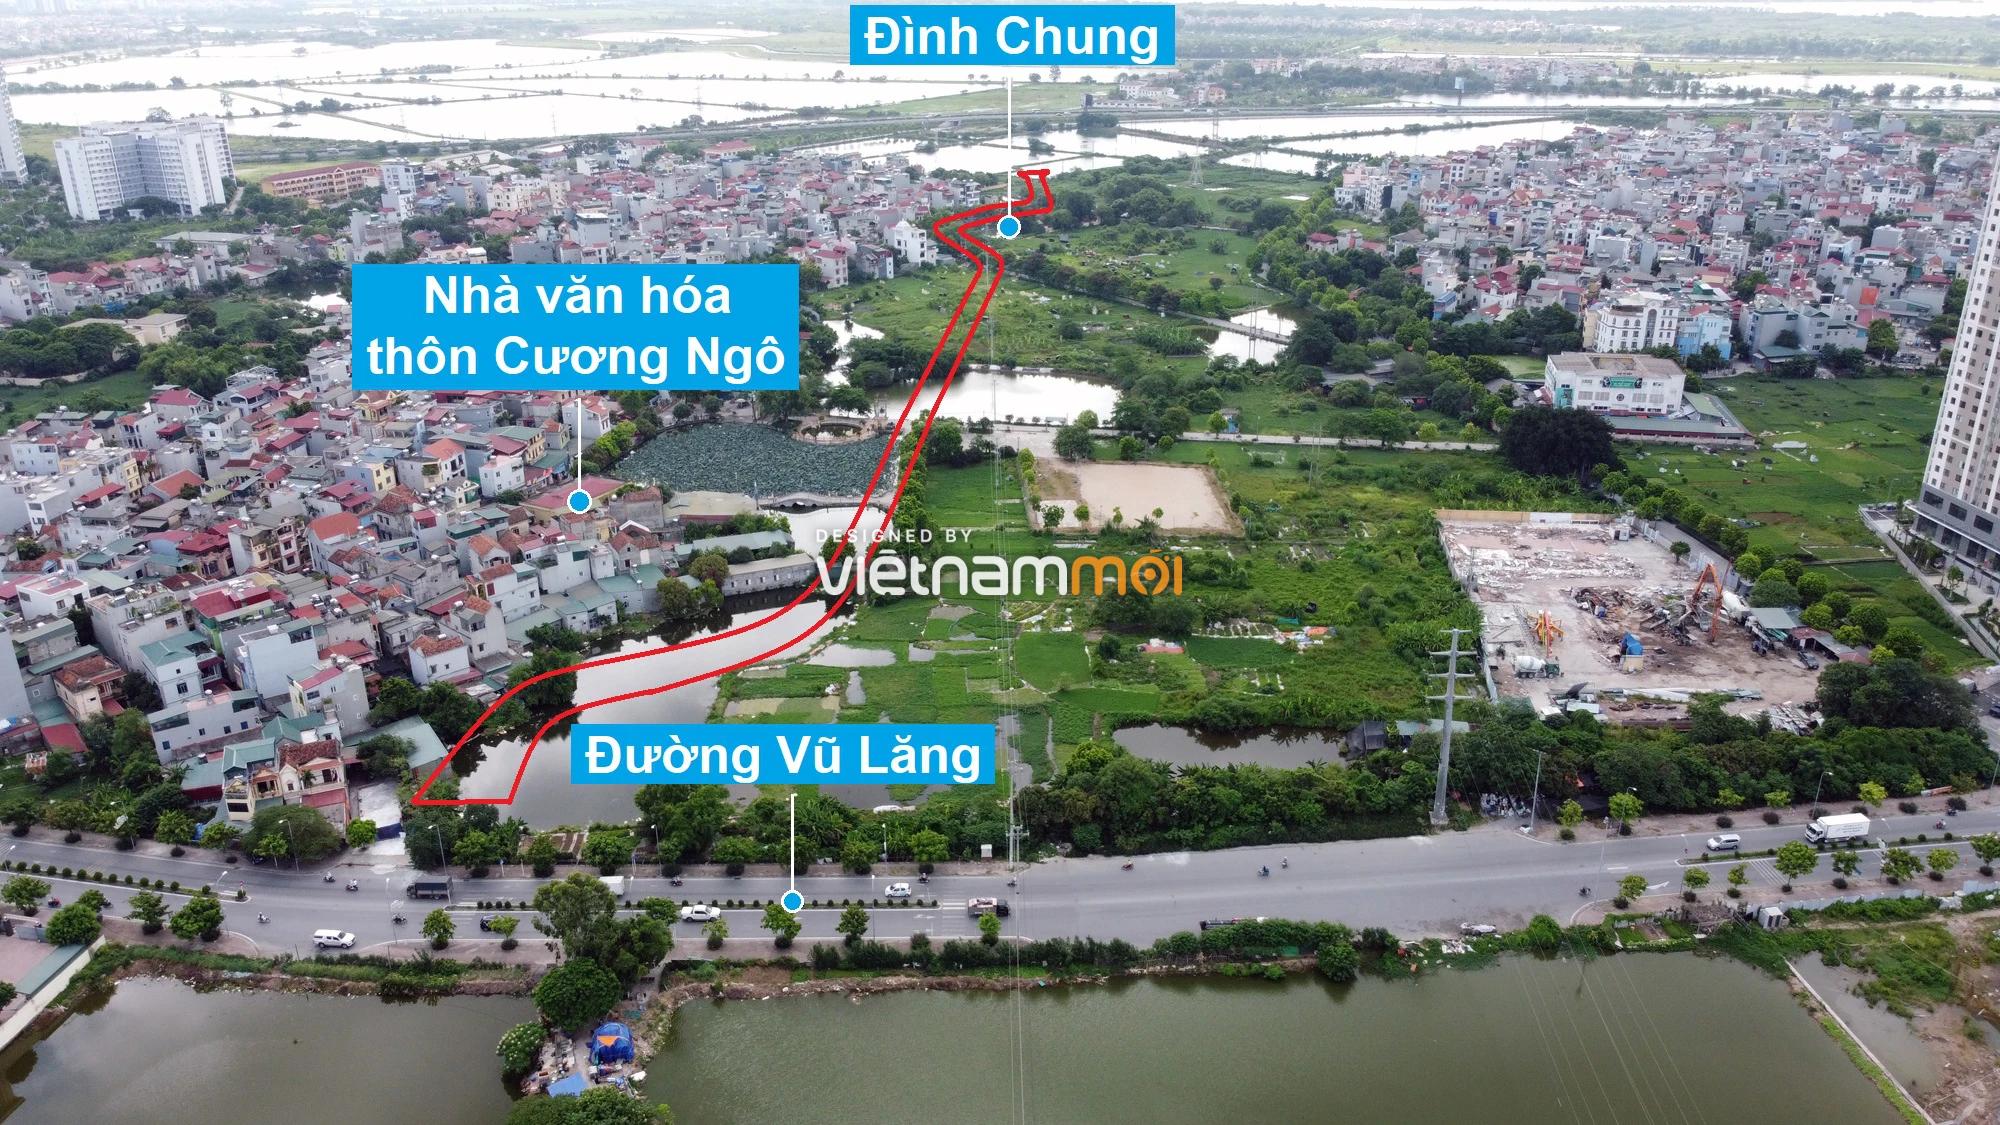 Những khu đất sắp thu hồi để mở đường ở xã Tứ Hiệp, Thanh Trì, Hà Nội (phần 4) - Ảnh 7.